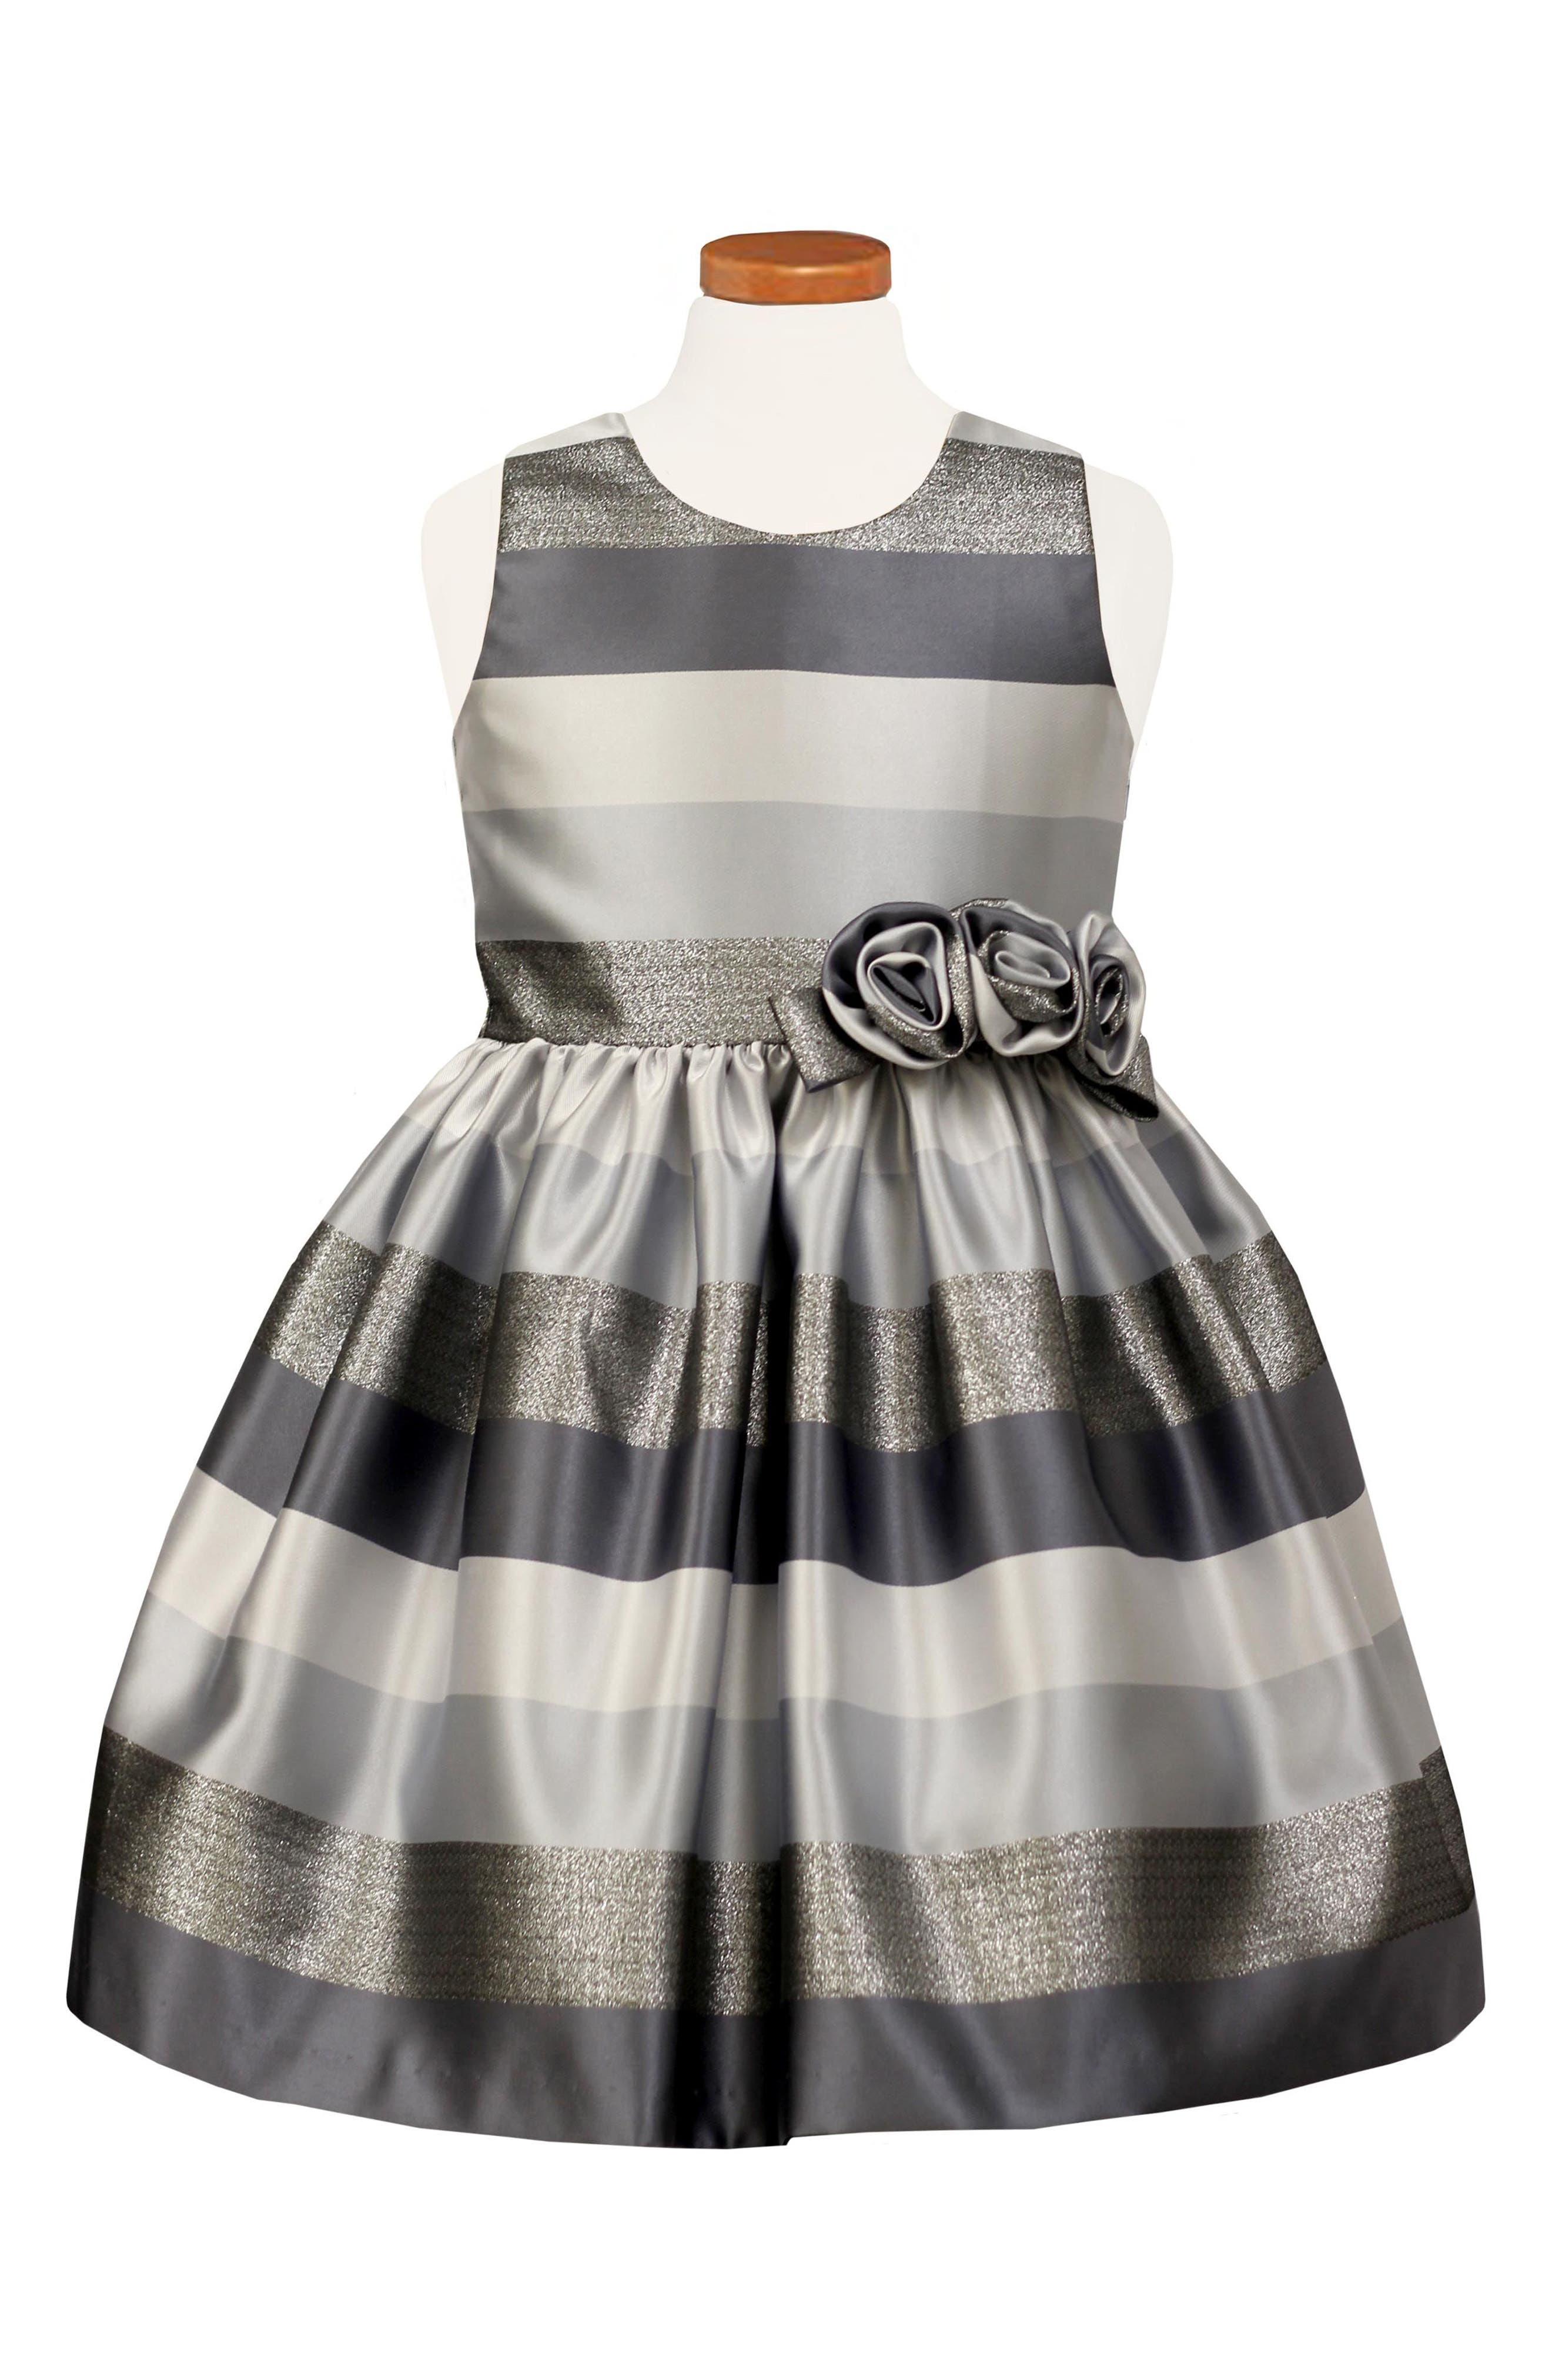 Main Image - Sorbet Metallic Stripe Dress (Toddler Girls & Little Girls)